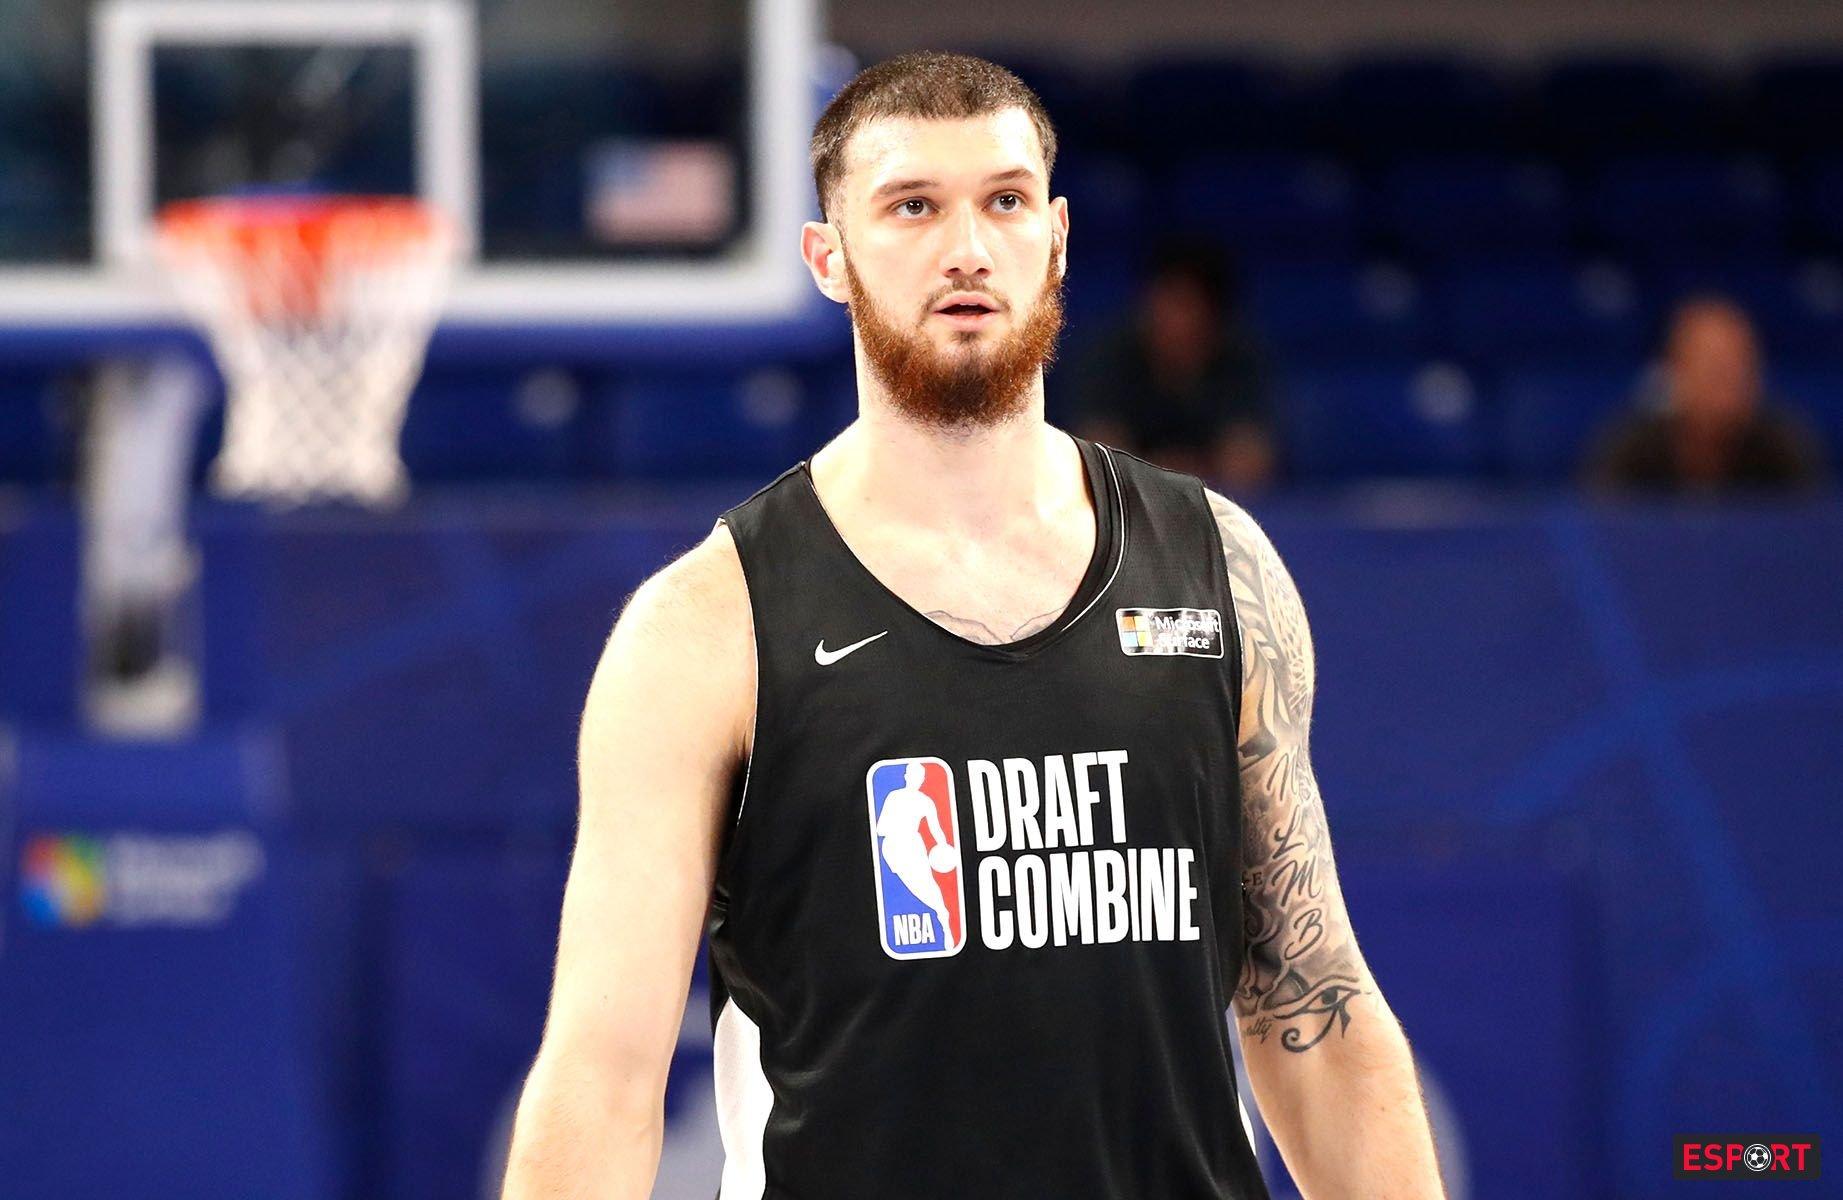 რა თანხას გამოიმუშავებს მამუკელაშვილი NBA-ში ?